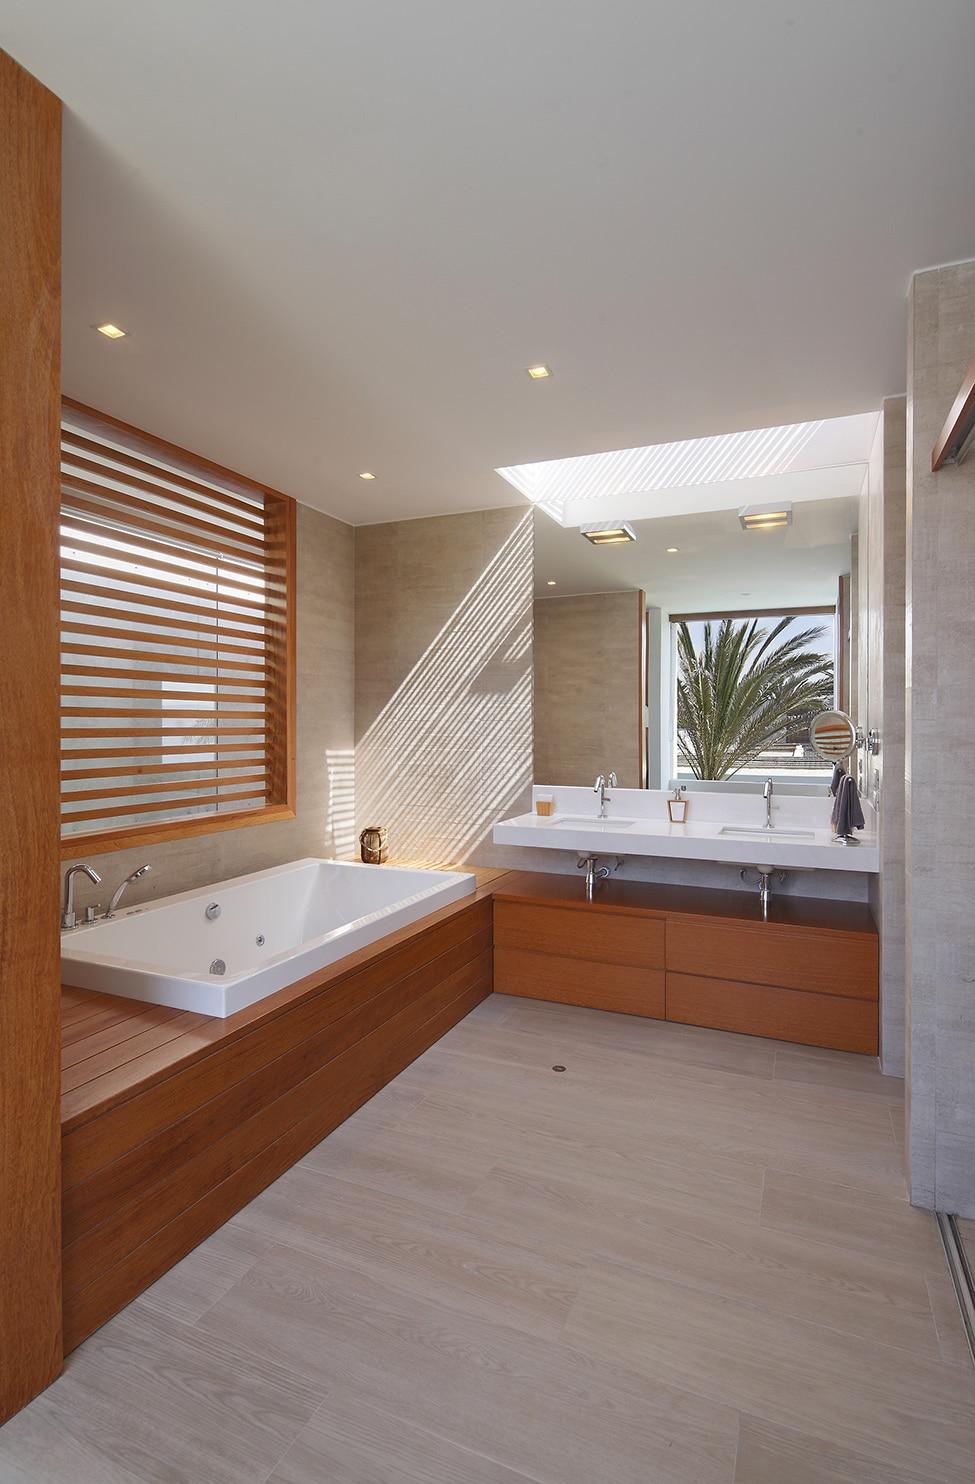 Fachadas de casa moderna de dos plantas - Diseno de bano ...